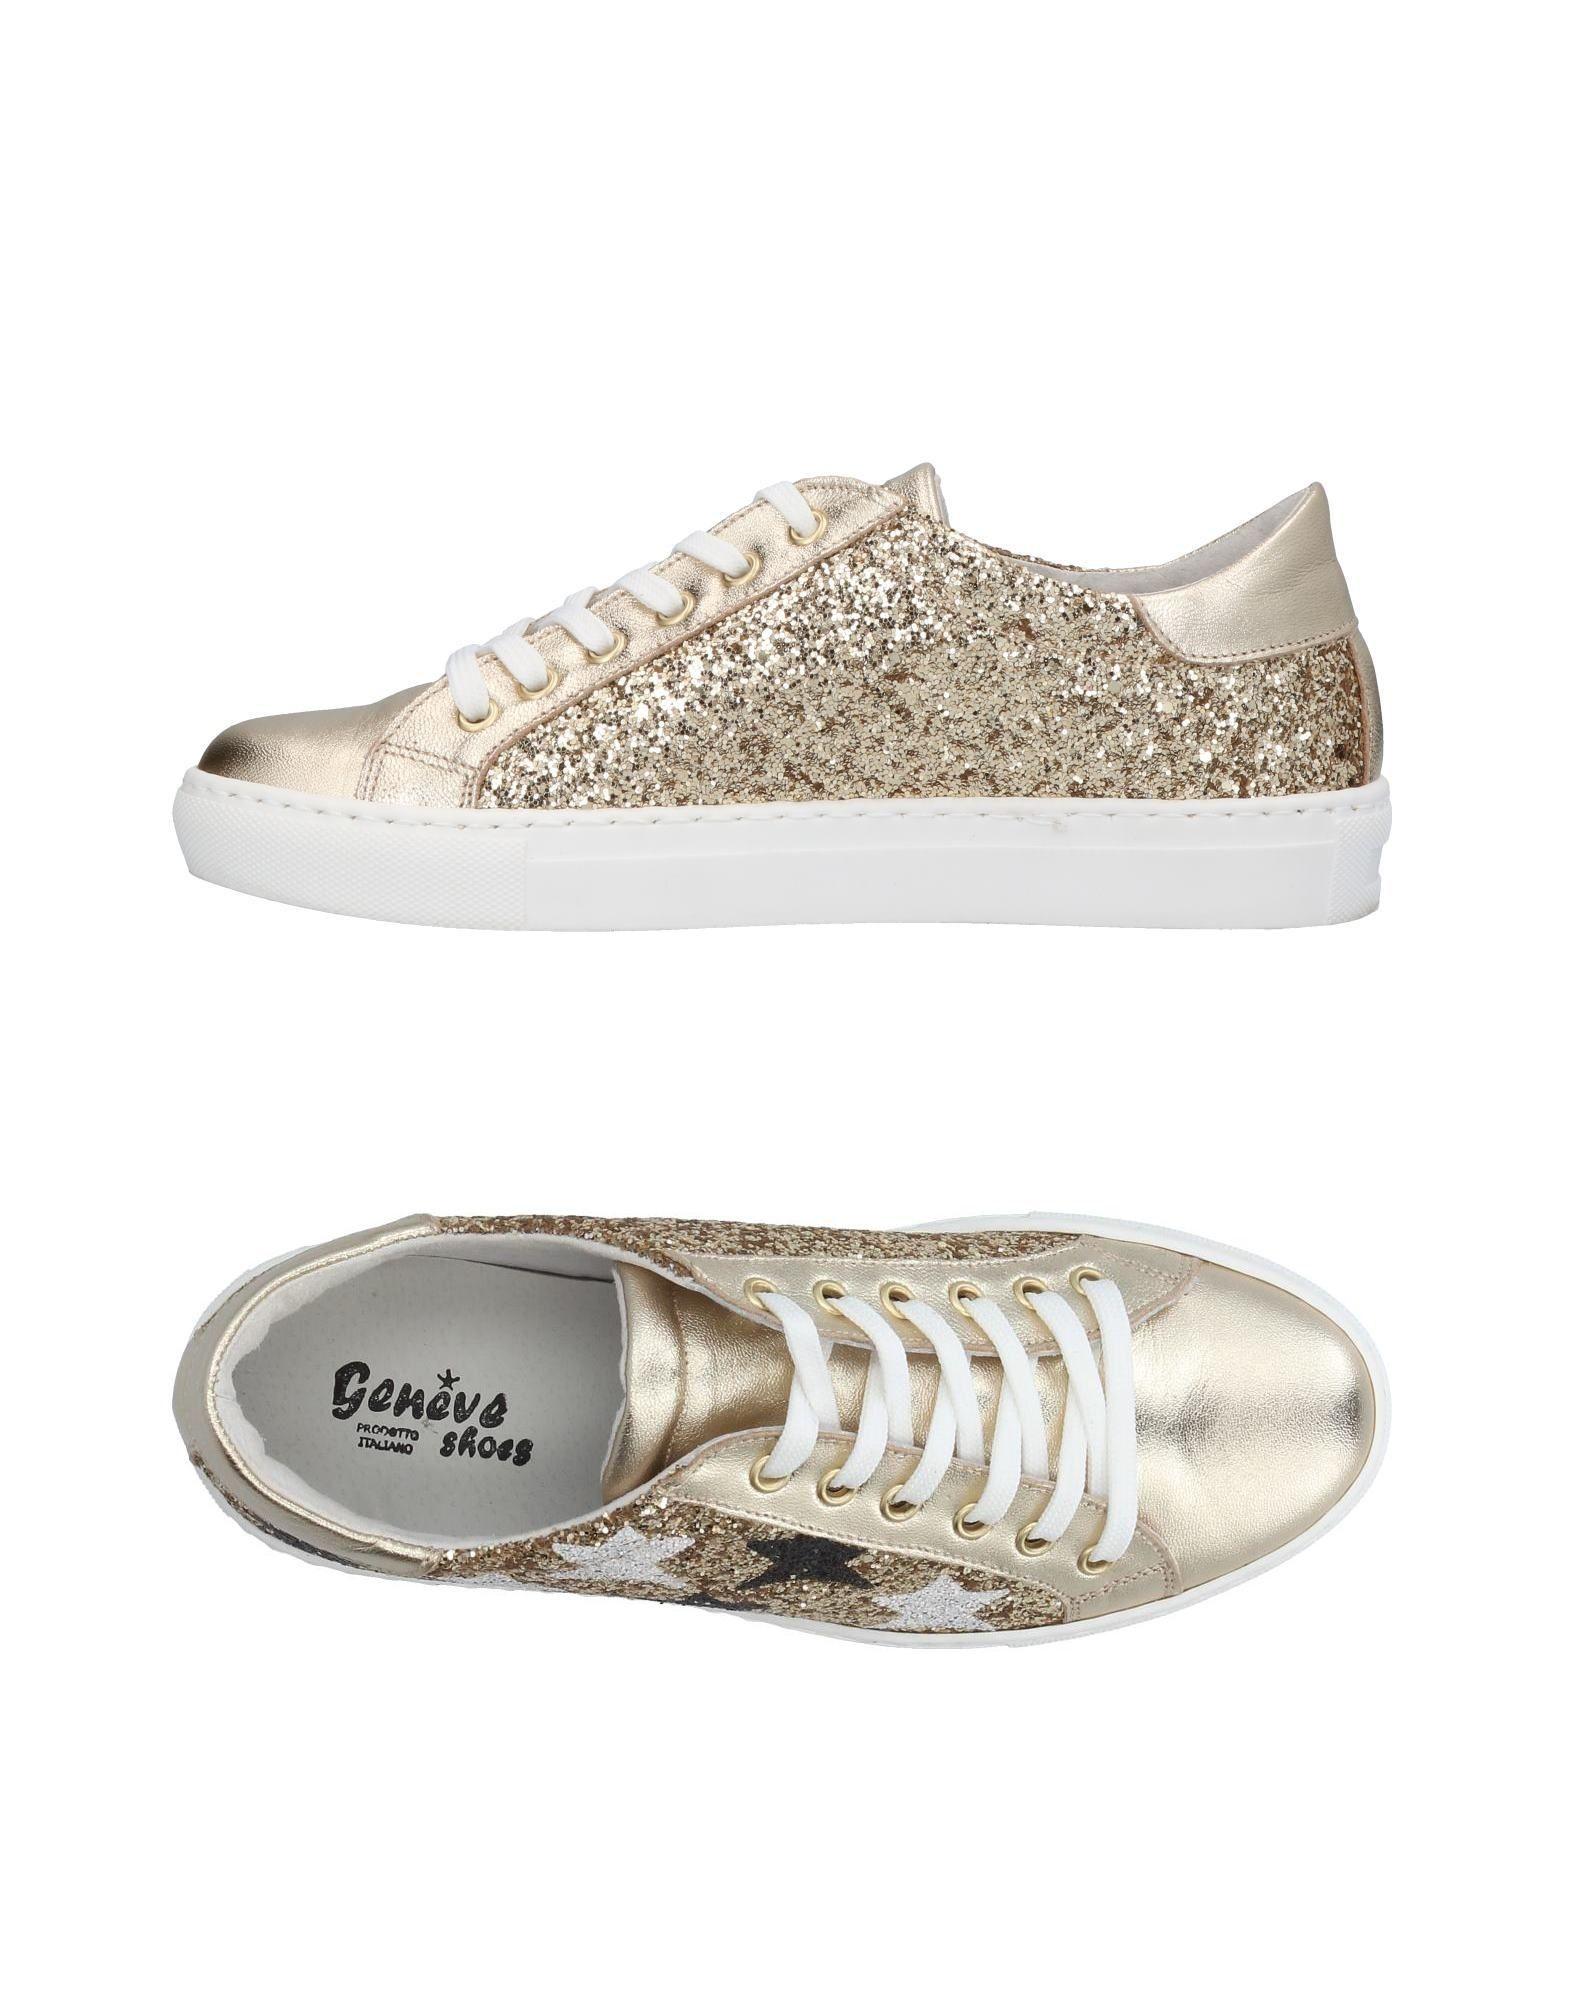 Moda Sneakers Geneve Donna - 11359795SQ 11359795SQ - e2d507